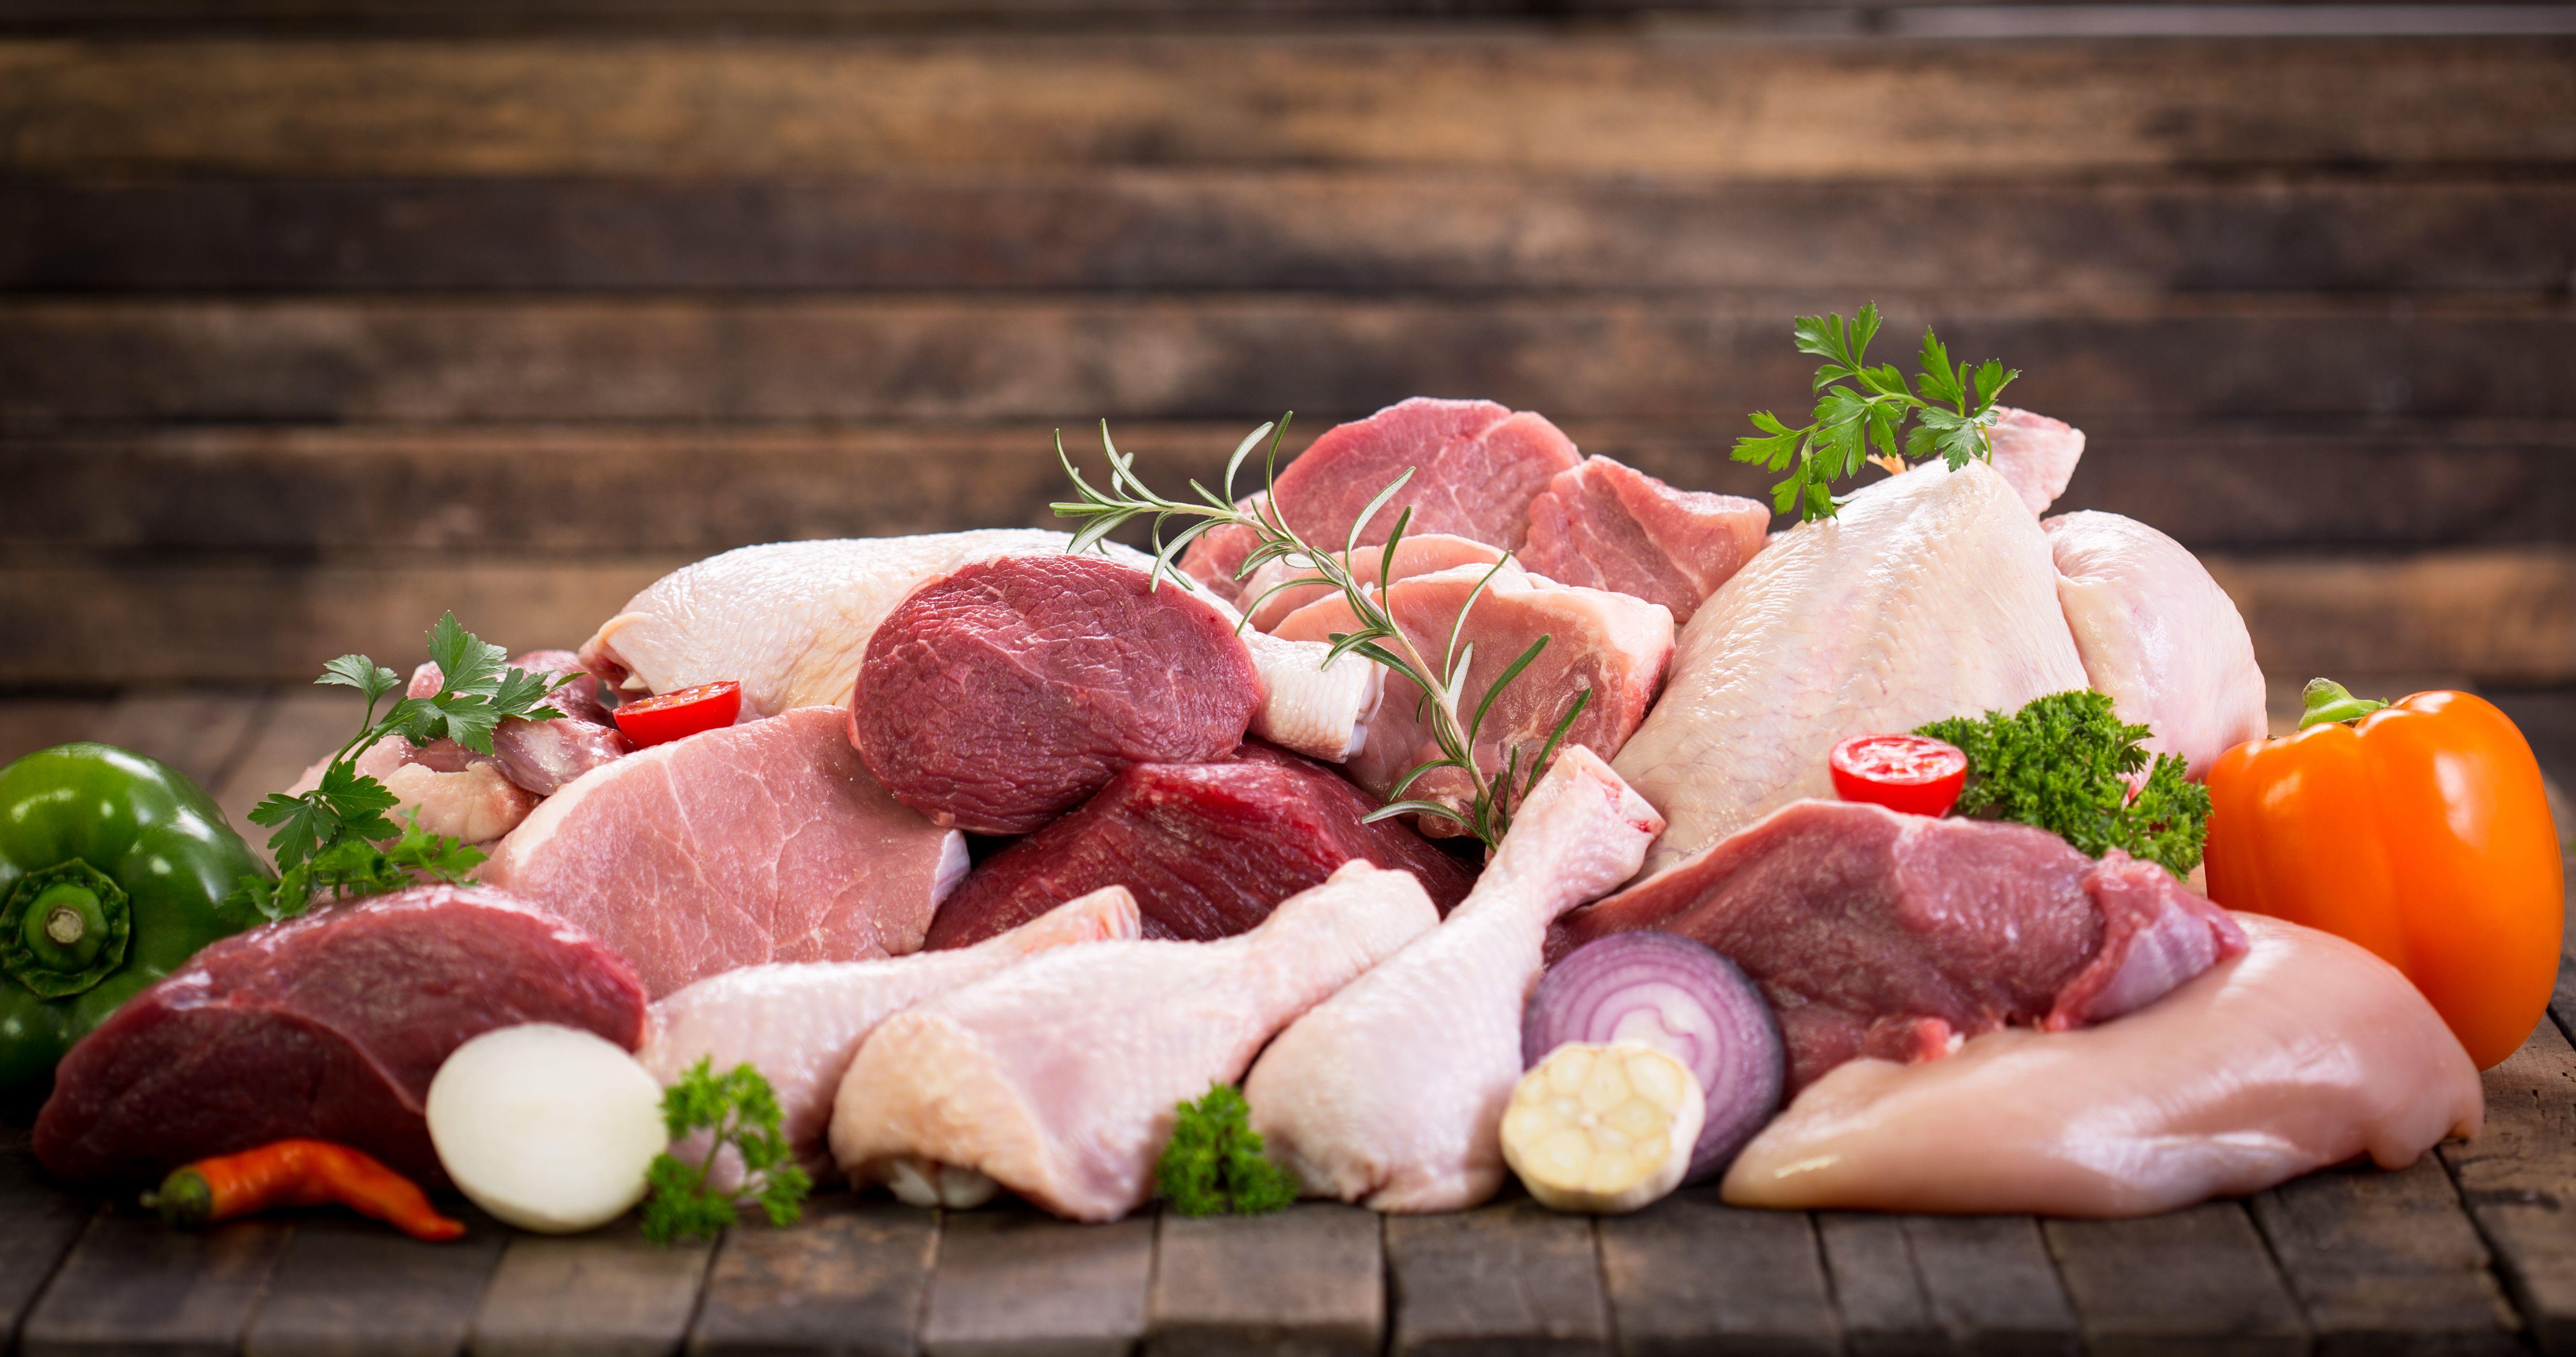 Carnicería y pollería en Zaragoza